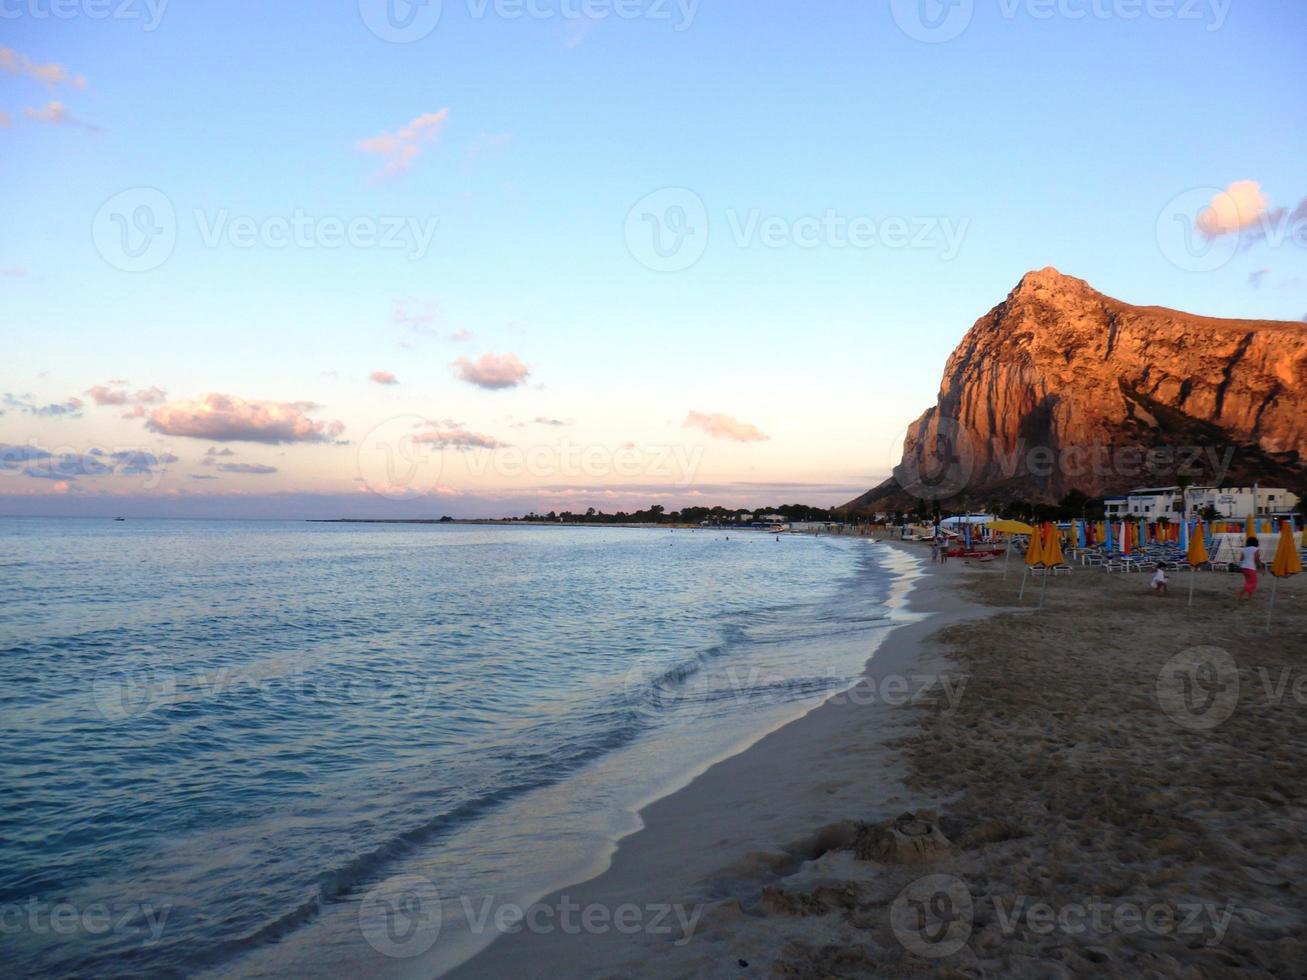 schöner Sonnenuntergang in San Vito Lo Capo foto